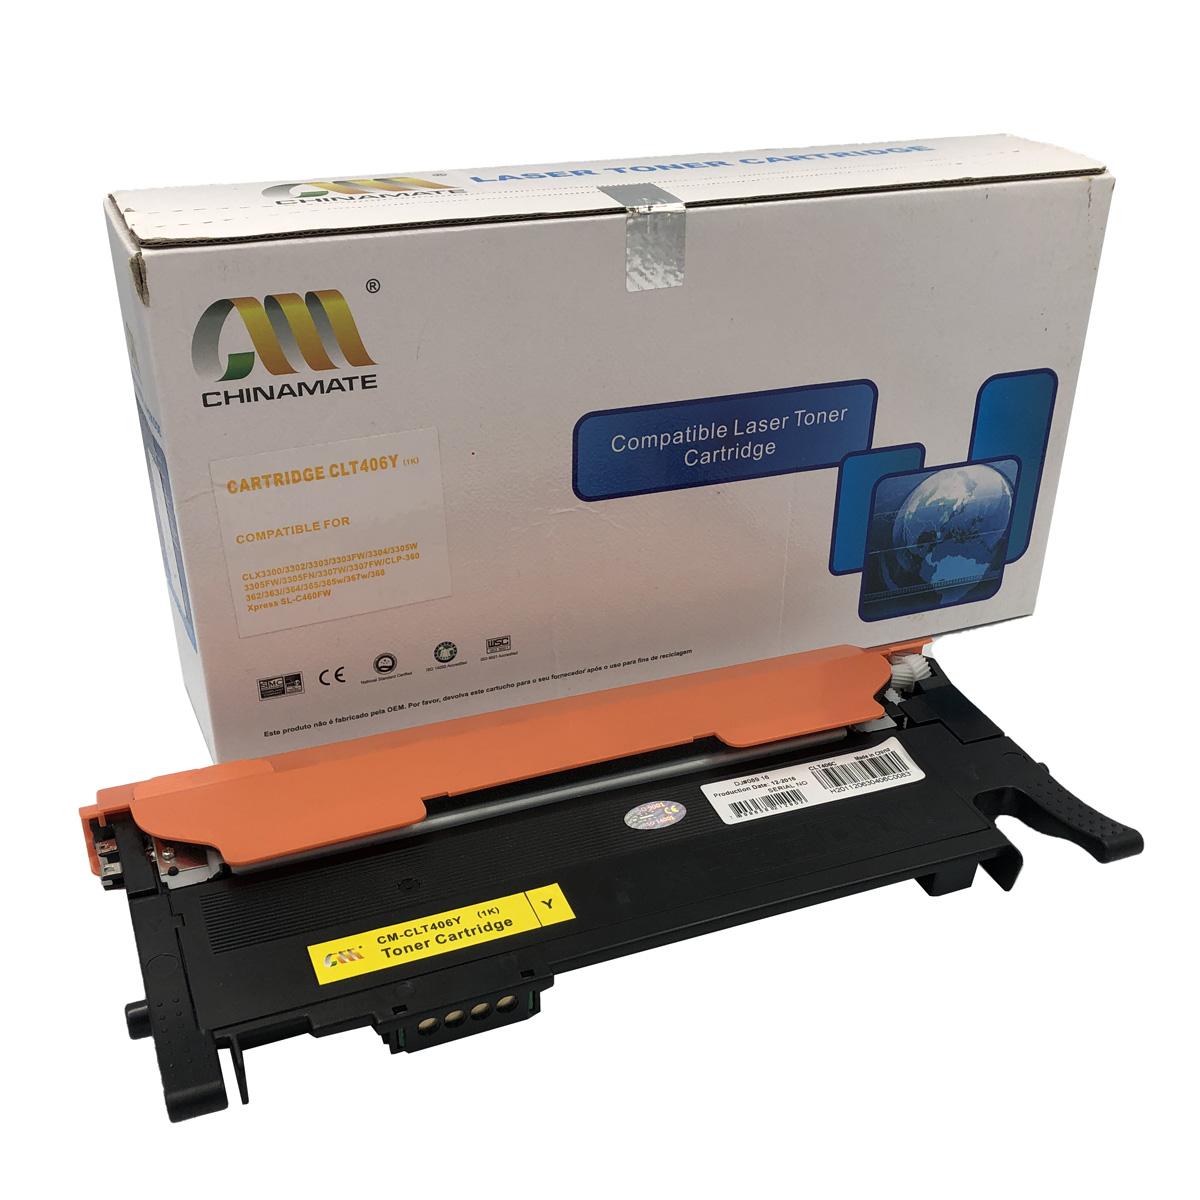 Toner Chinamate CLT406 Amarelo Compatível com C460FW CLX3305W da Samsung